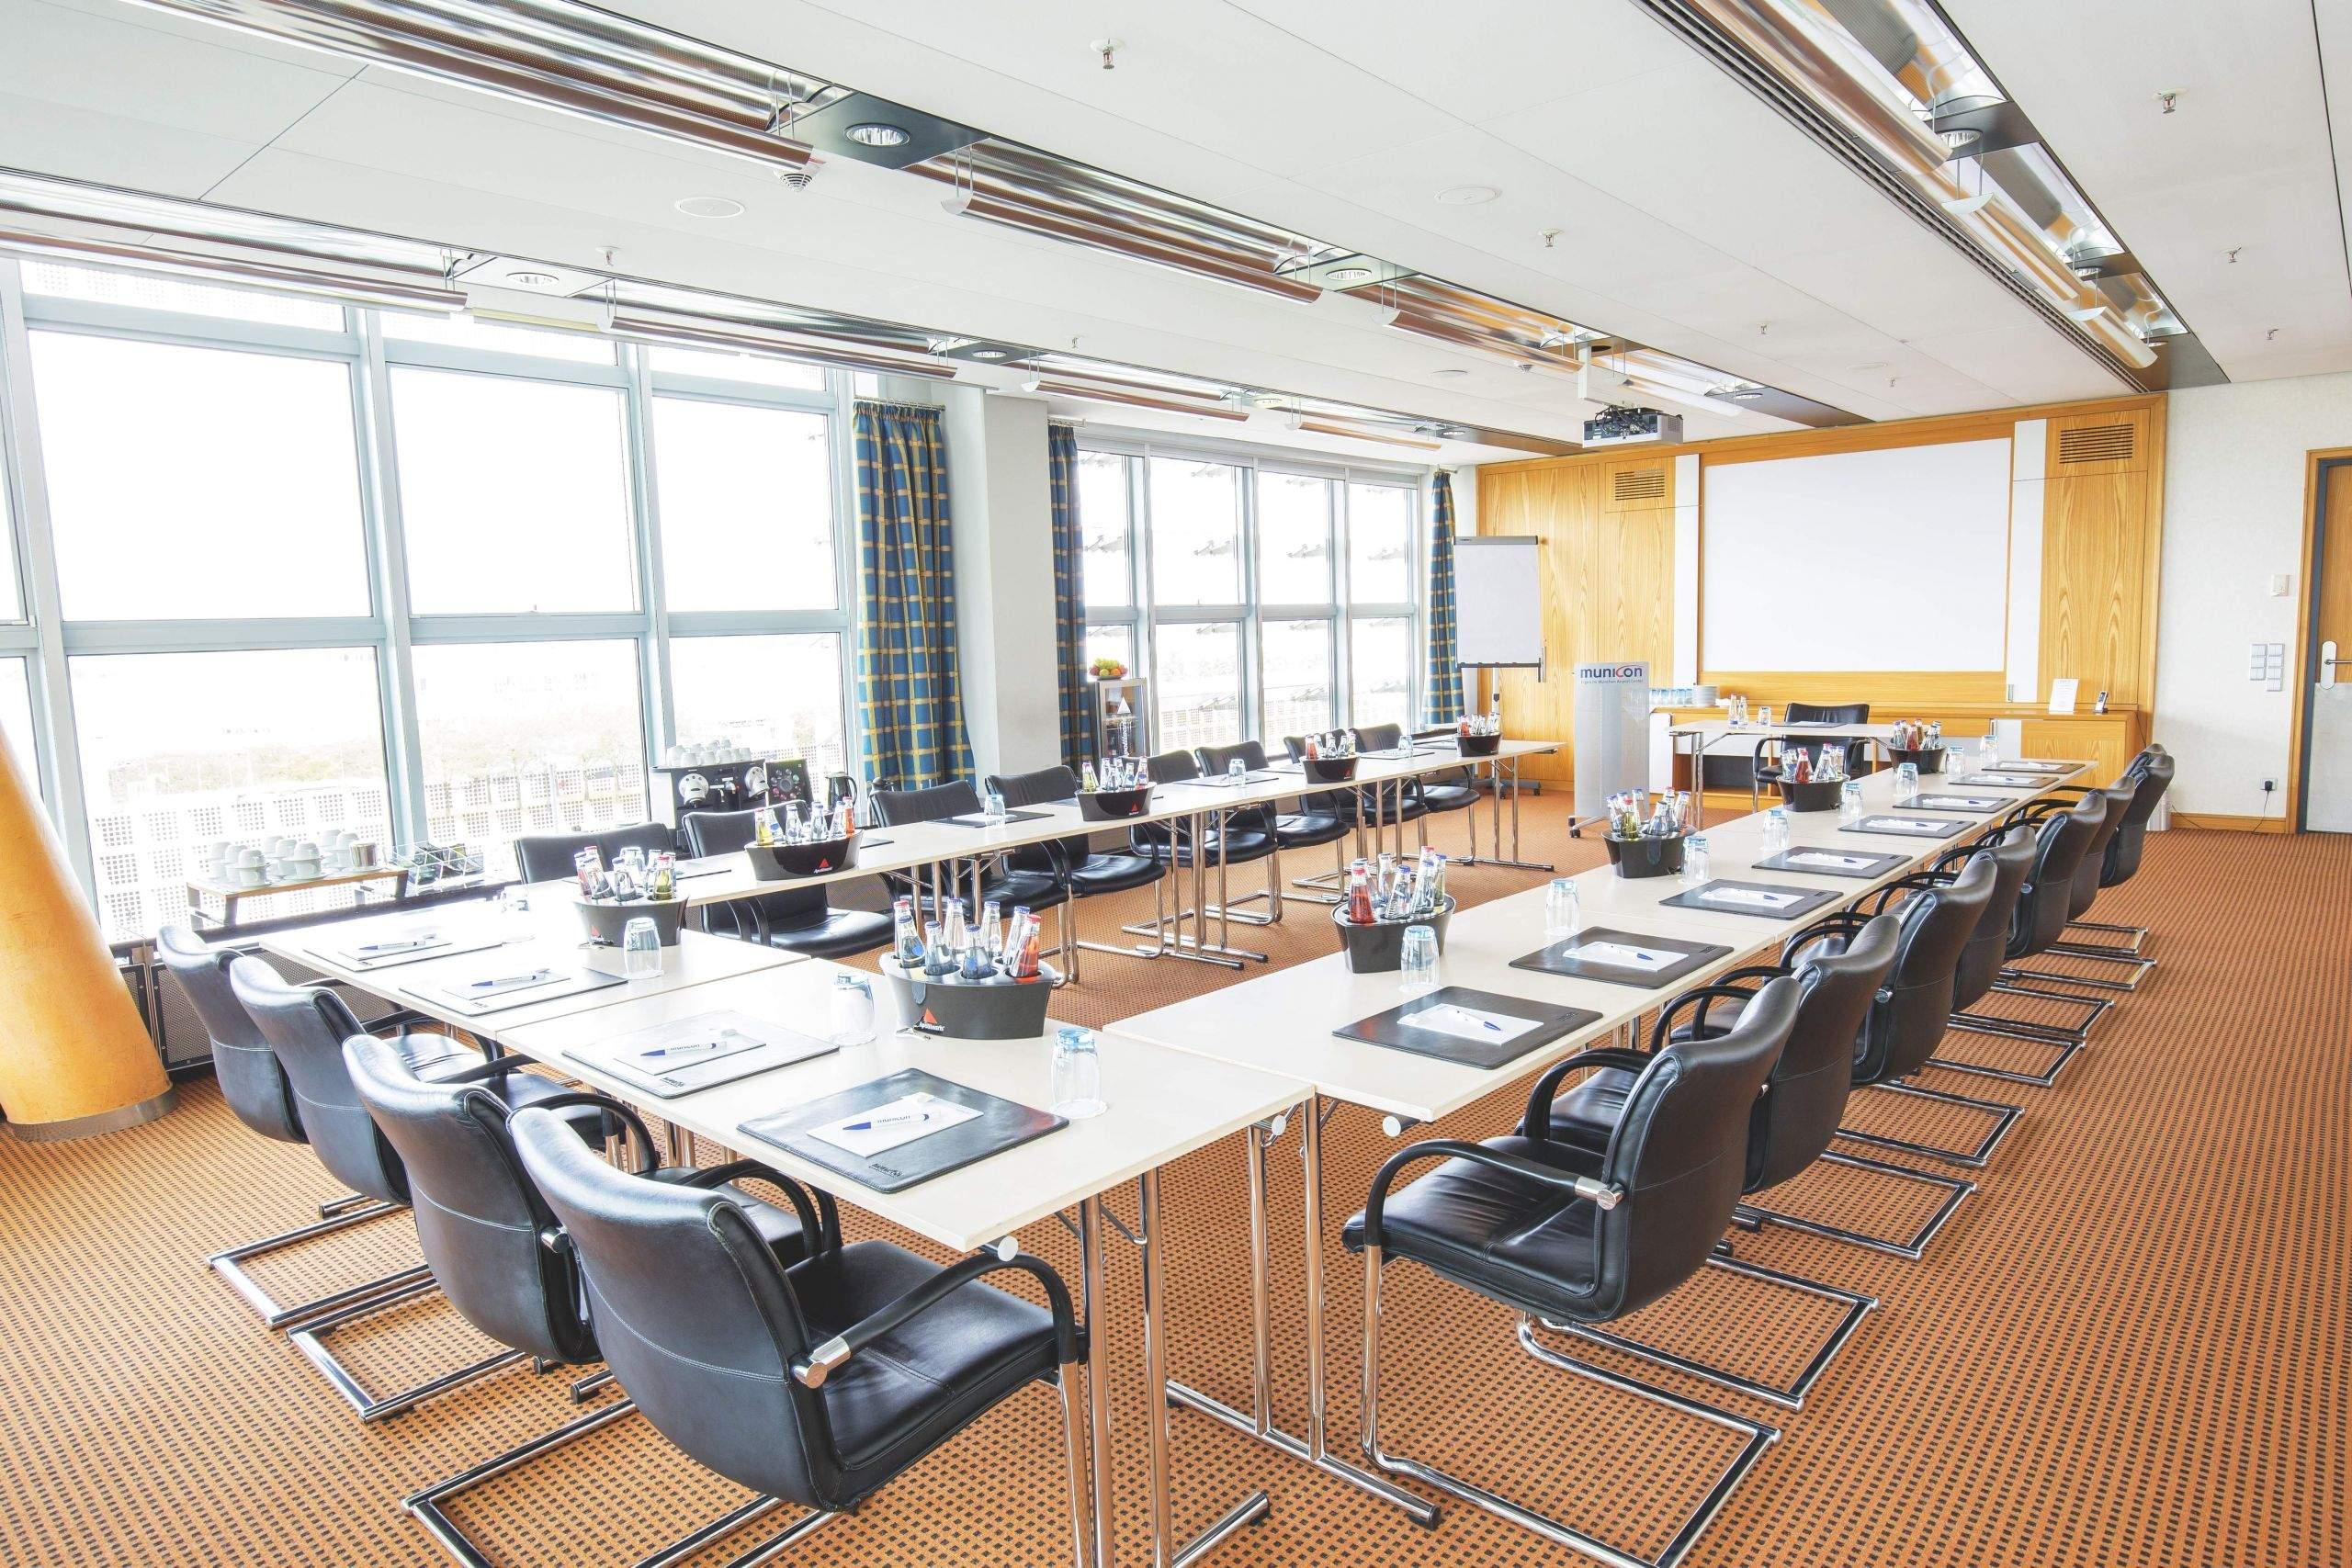 seehaus im englischen garten einzigartig tagungszentrum municon restaurant konferenzraum lounge of seehaus im englischen garten scaled